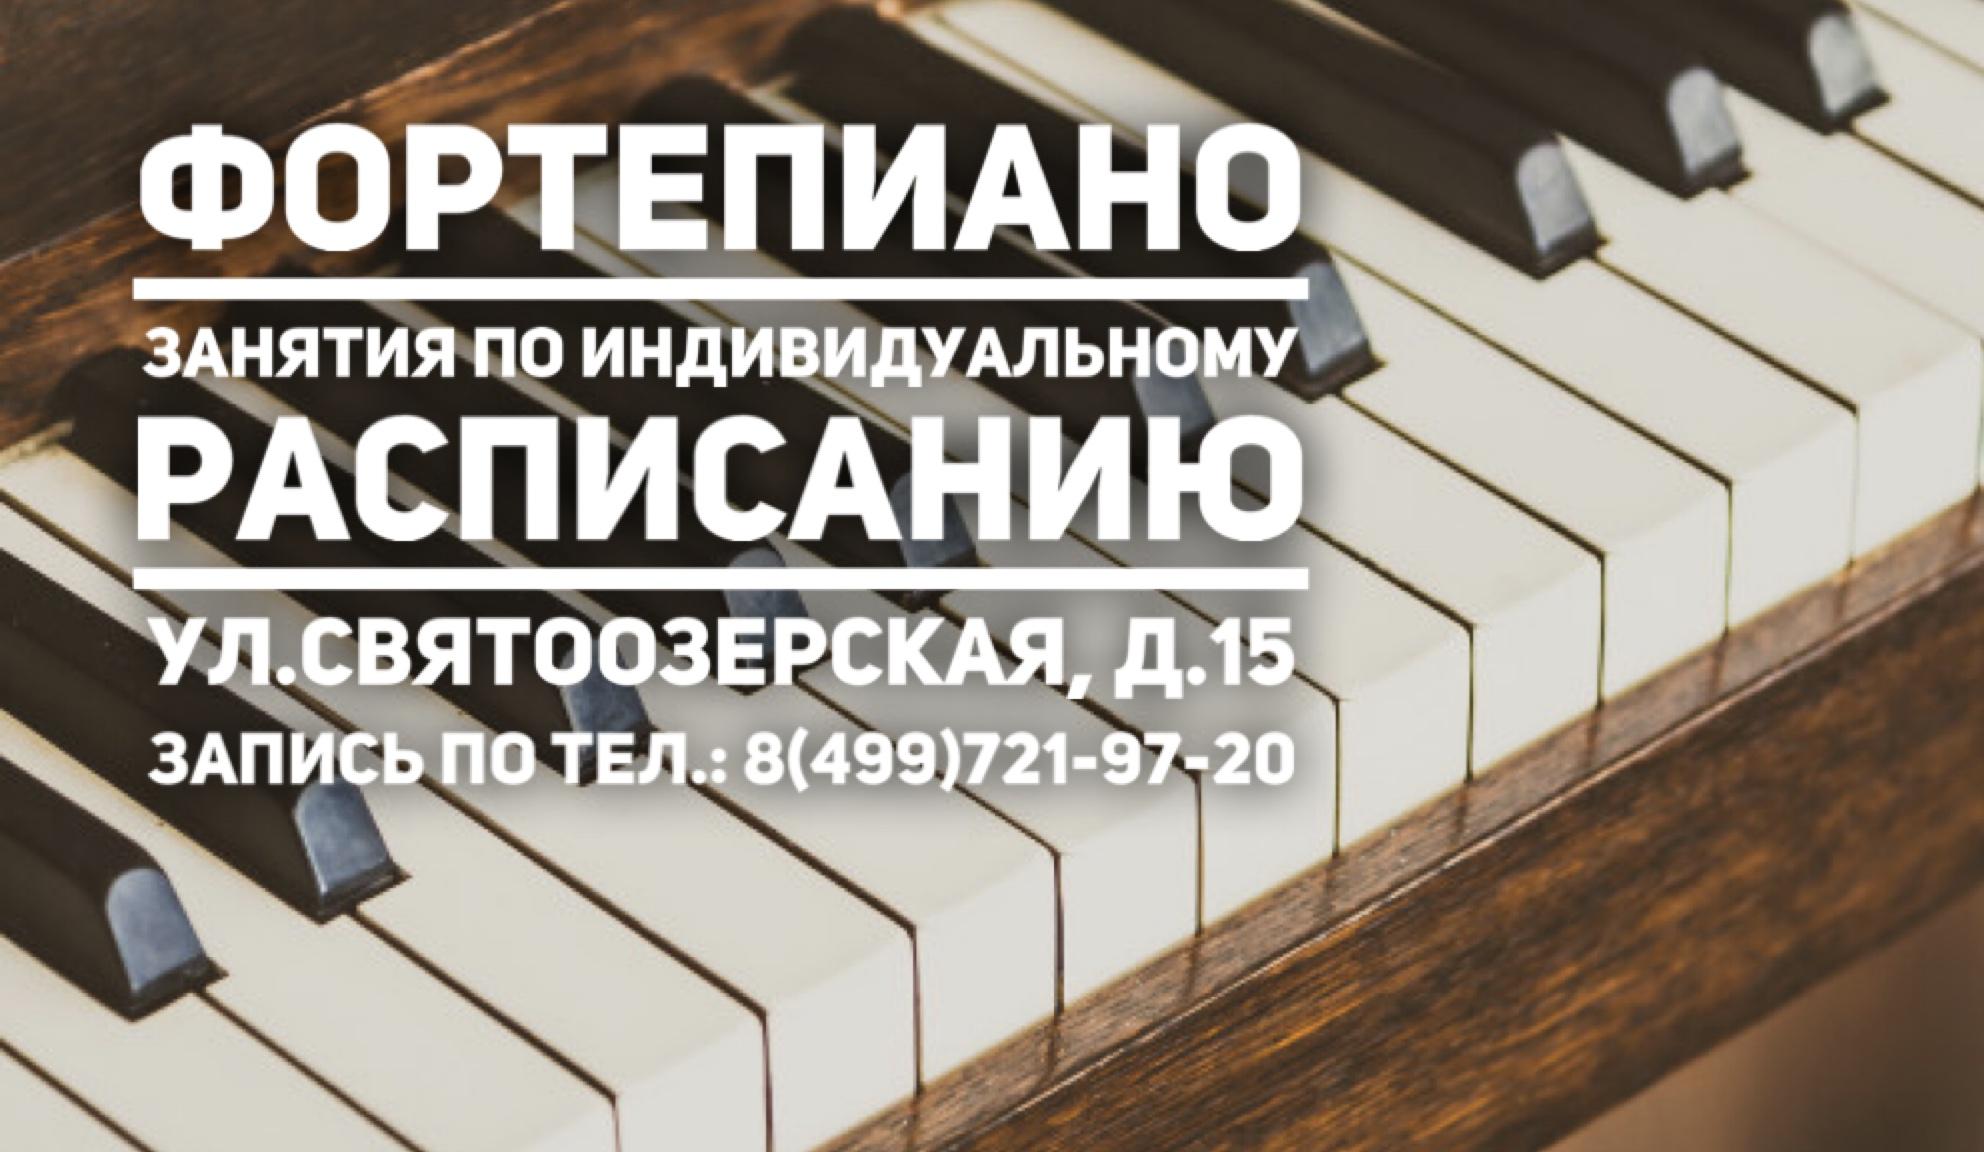 4ECFBC1A-2701-498D-8DE6-3B0008B14B97